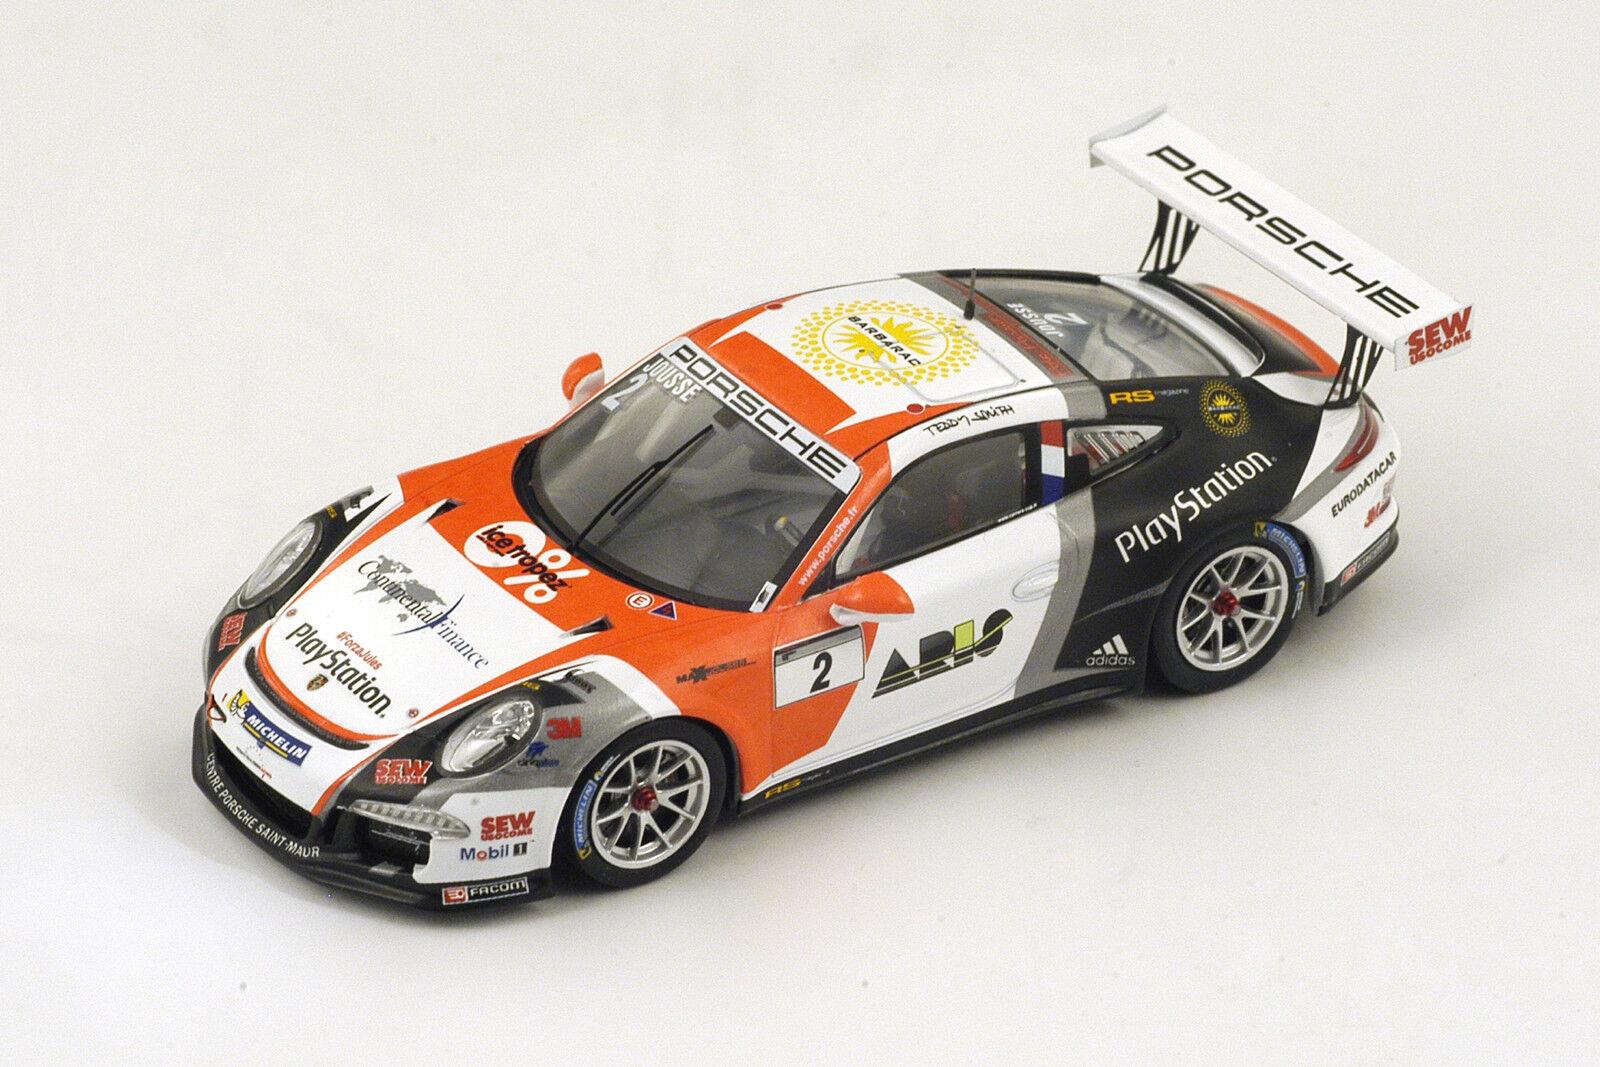 Porsche 911 991 gt3 Cup-Jousse-c1 a pccf paul  rivoitured 2014 - 1 43 spark sf082  économiser 60% de réduction